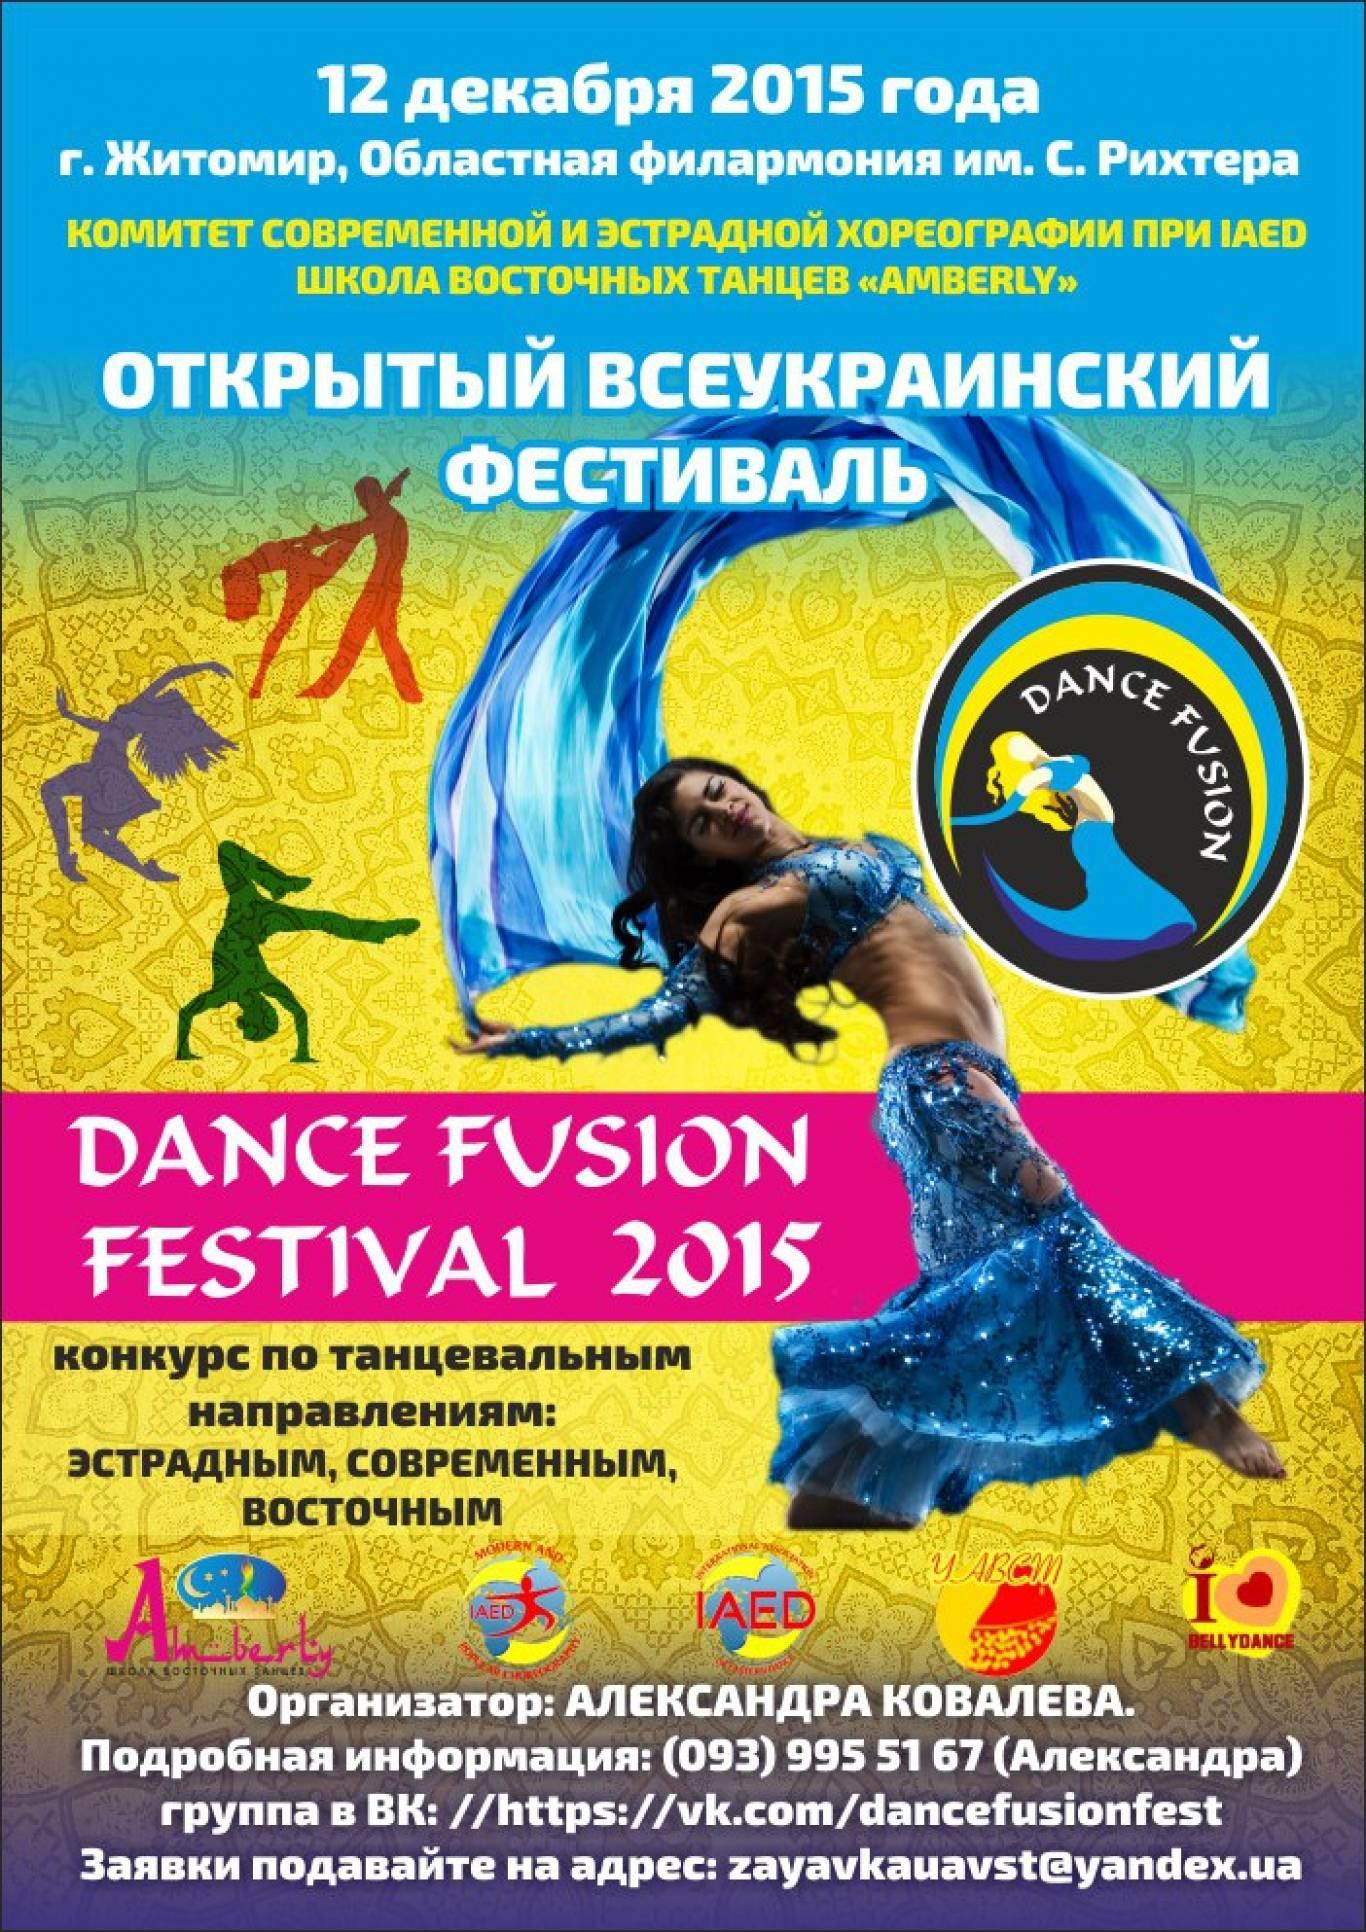 """ВІДКРИТИЙ ВСЕУКРАЇНСЬКИЙ ФЕСТИВАЛЬ """"DANCE FUSION FESTIVAL"""""""